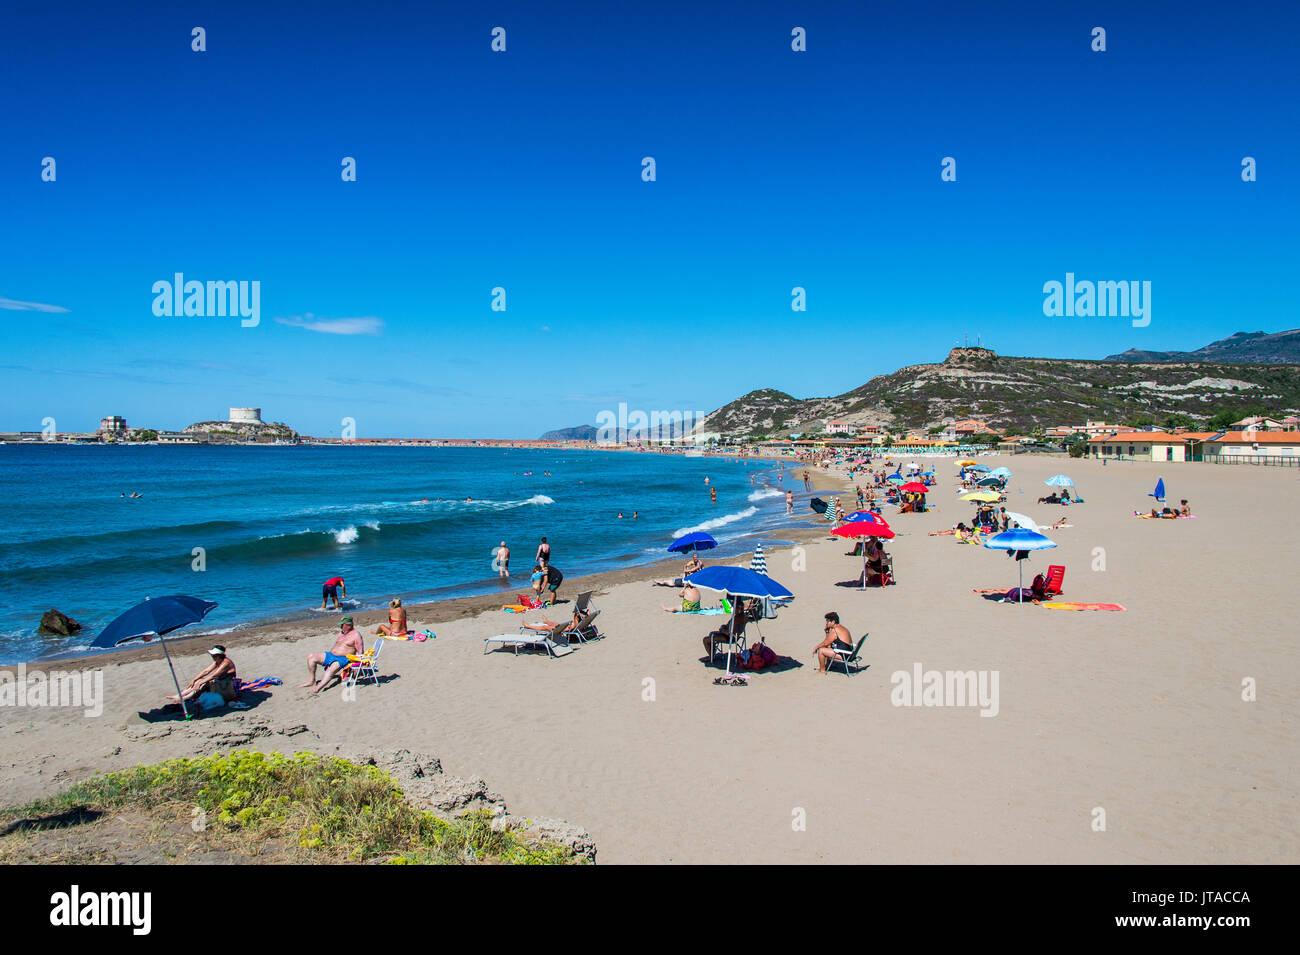 Spiaggia di La Caletta costa orientale della Sardegna, Italia, Mediterraneo, Europa Immagini Stock